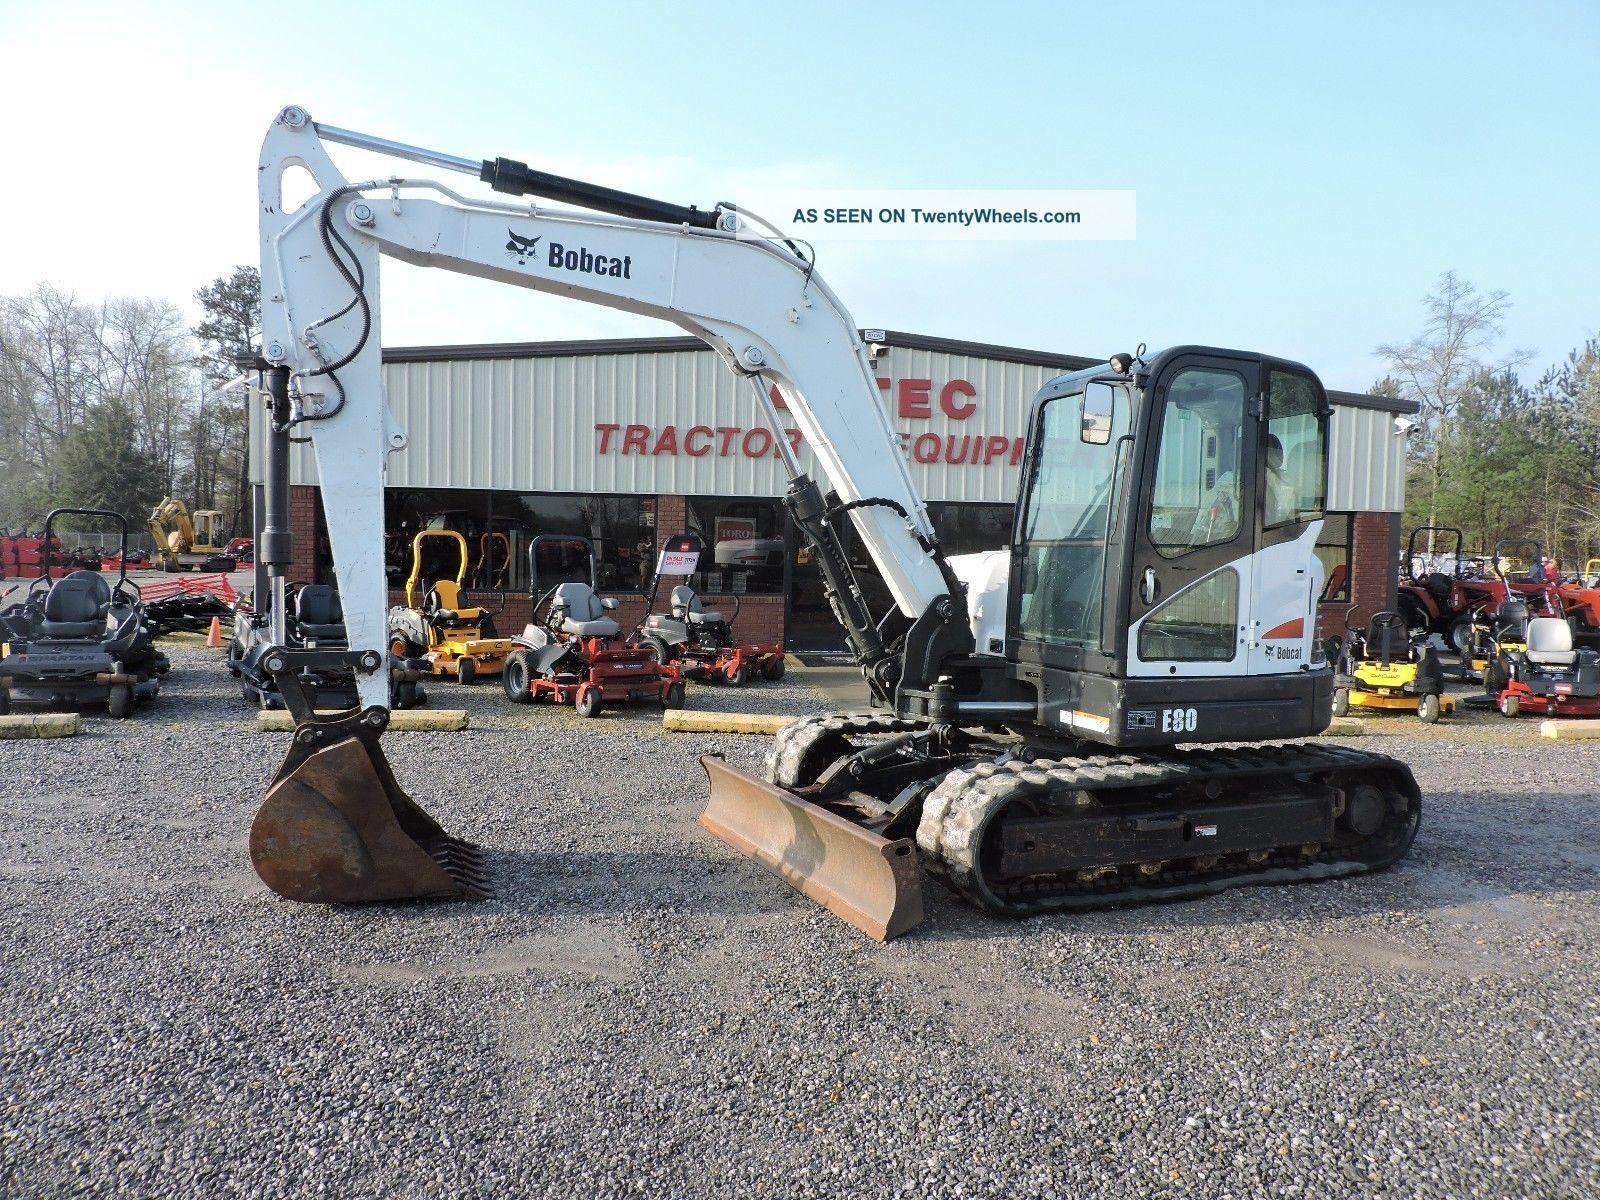 2011 Bobcat E80 Mini Excavator - Caterpillar - Diesel Engine - Excavators photo